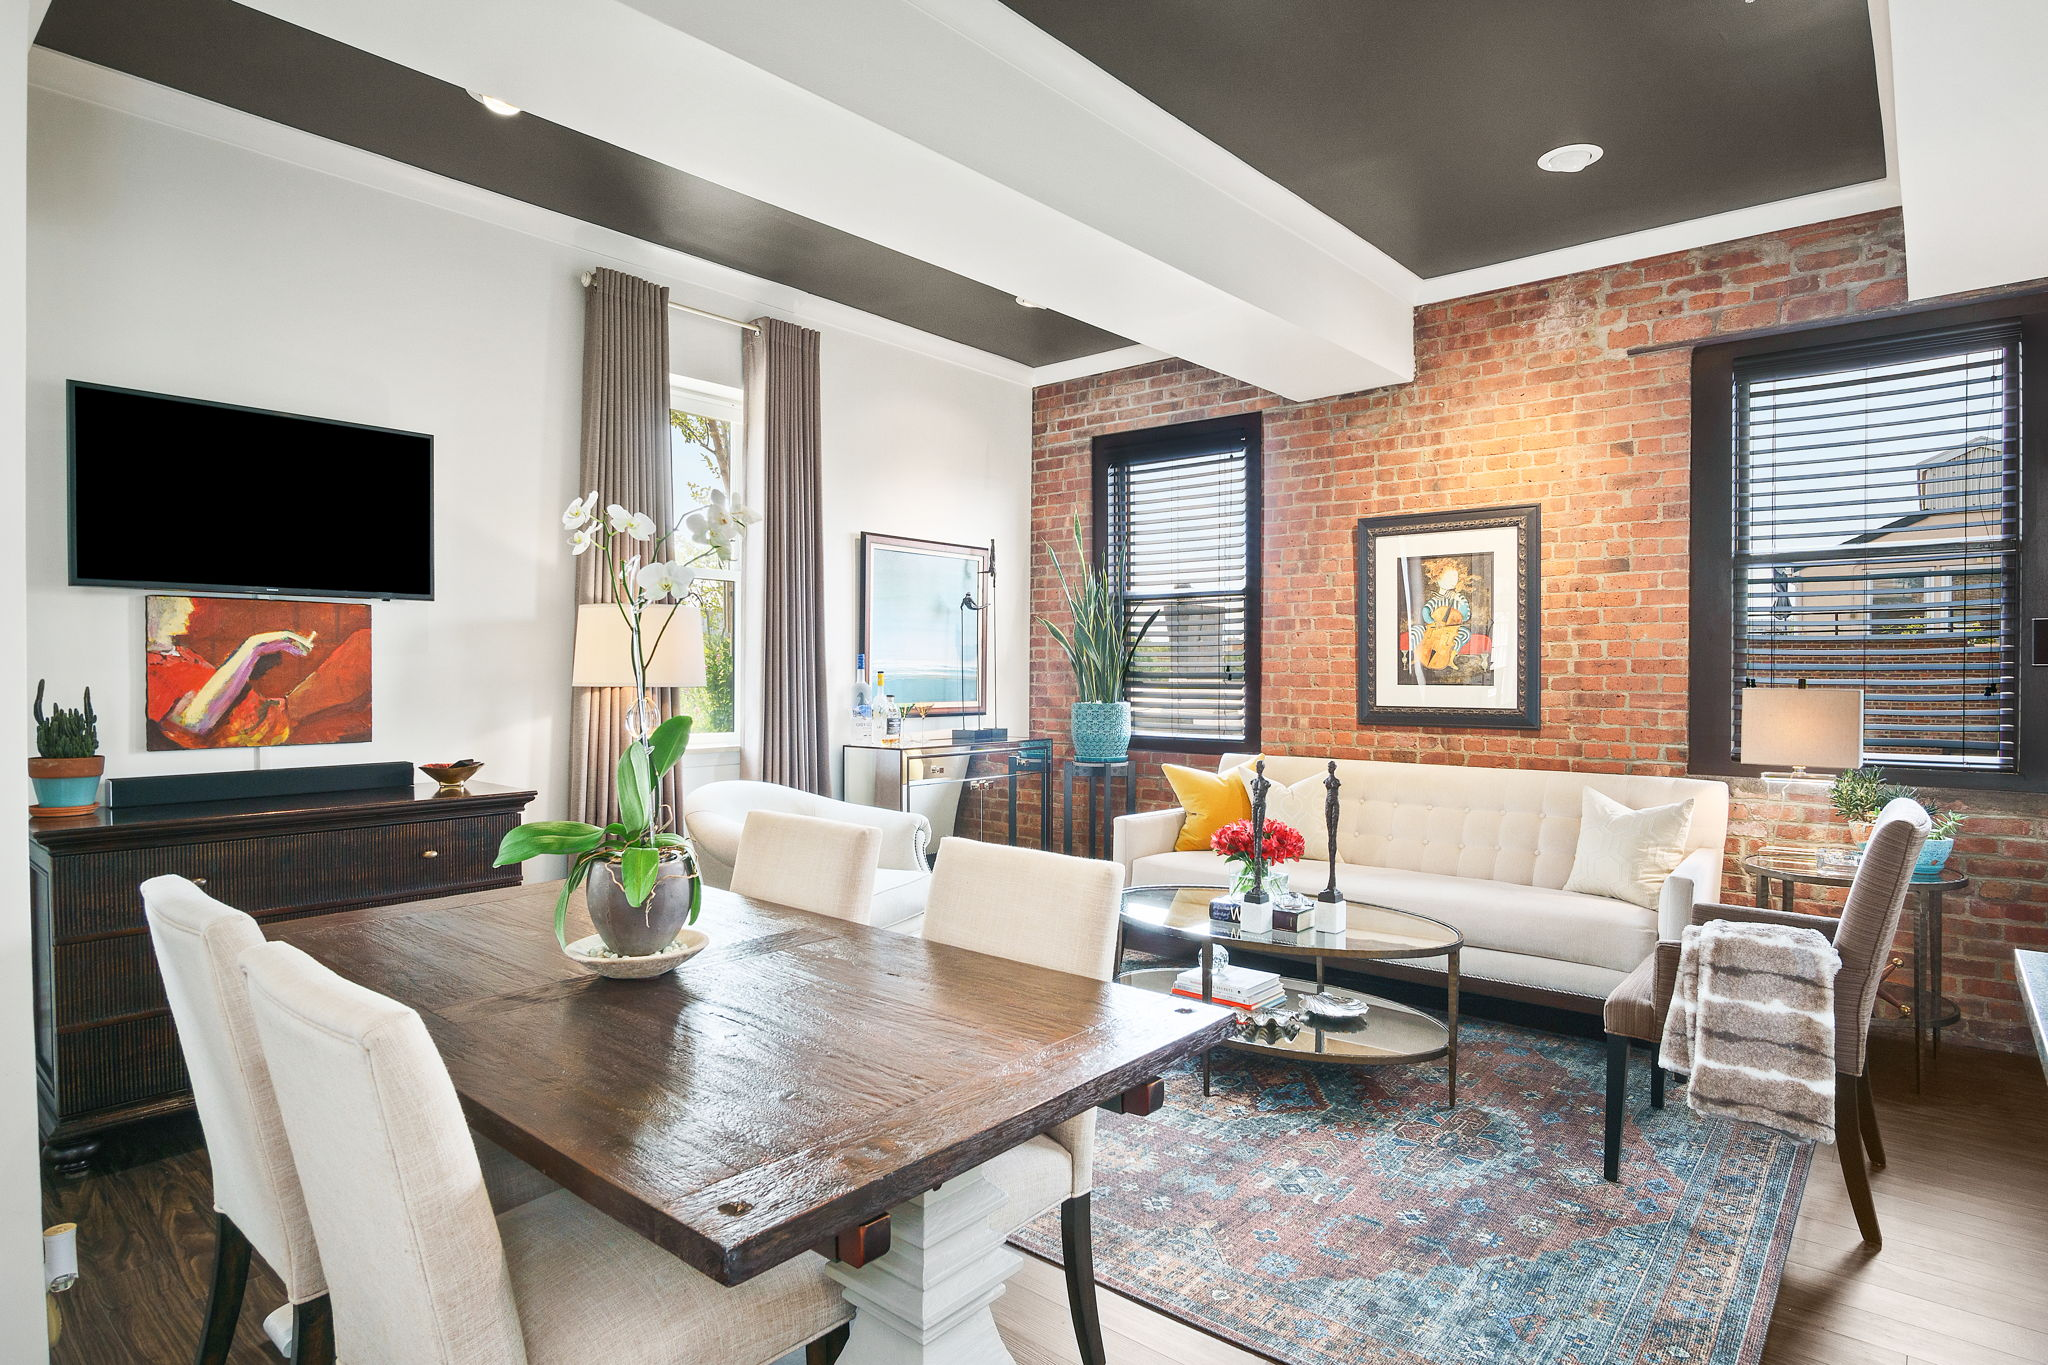 Duplex condo for sale in Jersey City